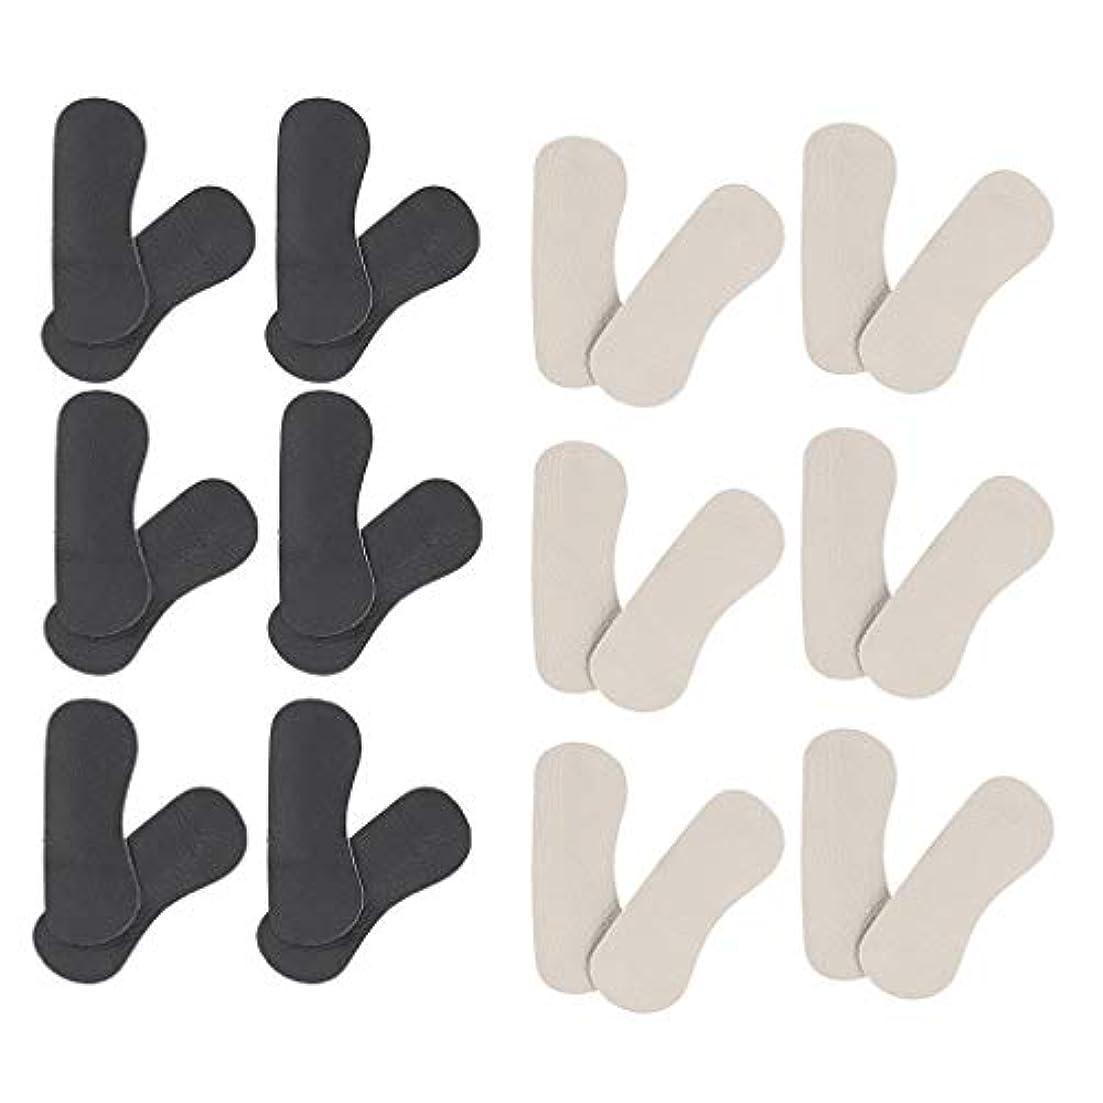 正直動かす弾薬P Prettyia 靴擦れ防止 かかと パッドクッション パカパカ防止 ヒールパッド 踵 保護 ハイヒール 革靴 スニーカーに対応